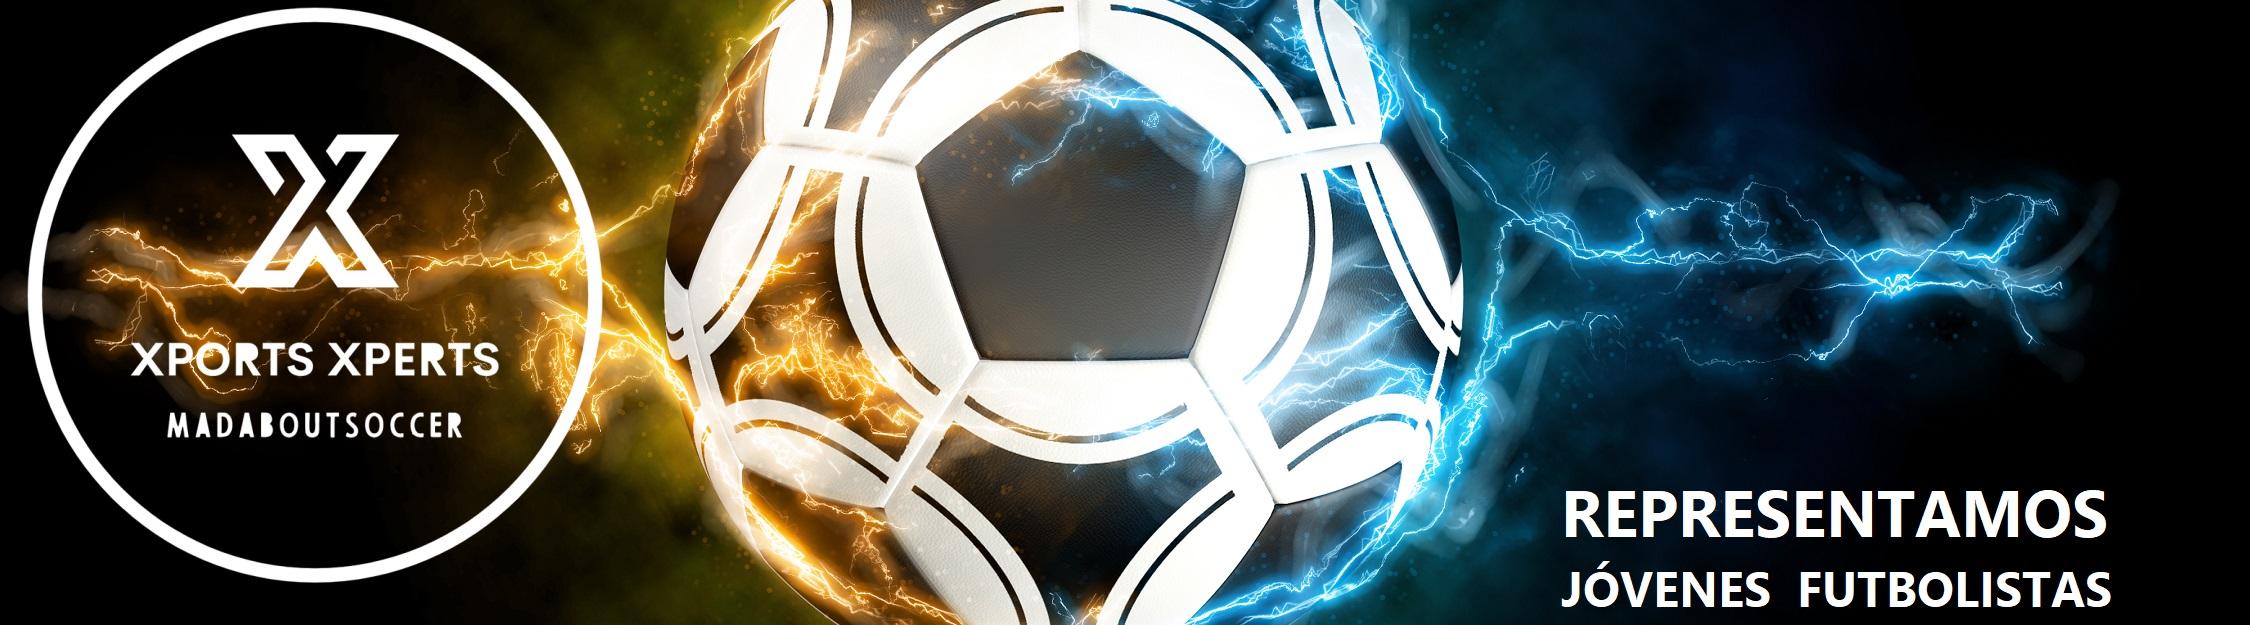 representando futbolistas jóvenes